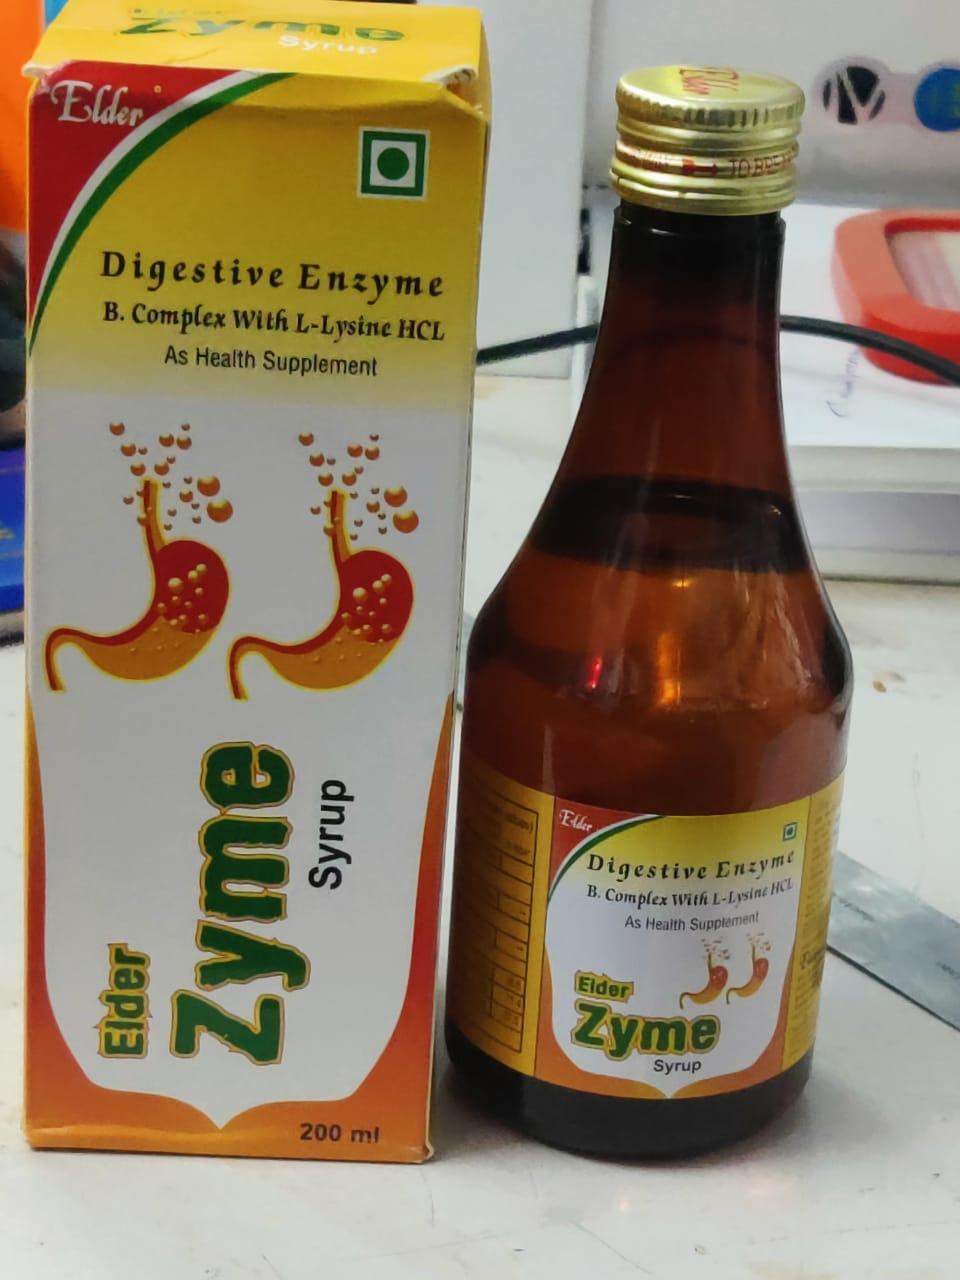 ELDER ZYME SYP 200 ML